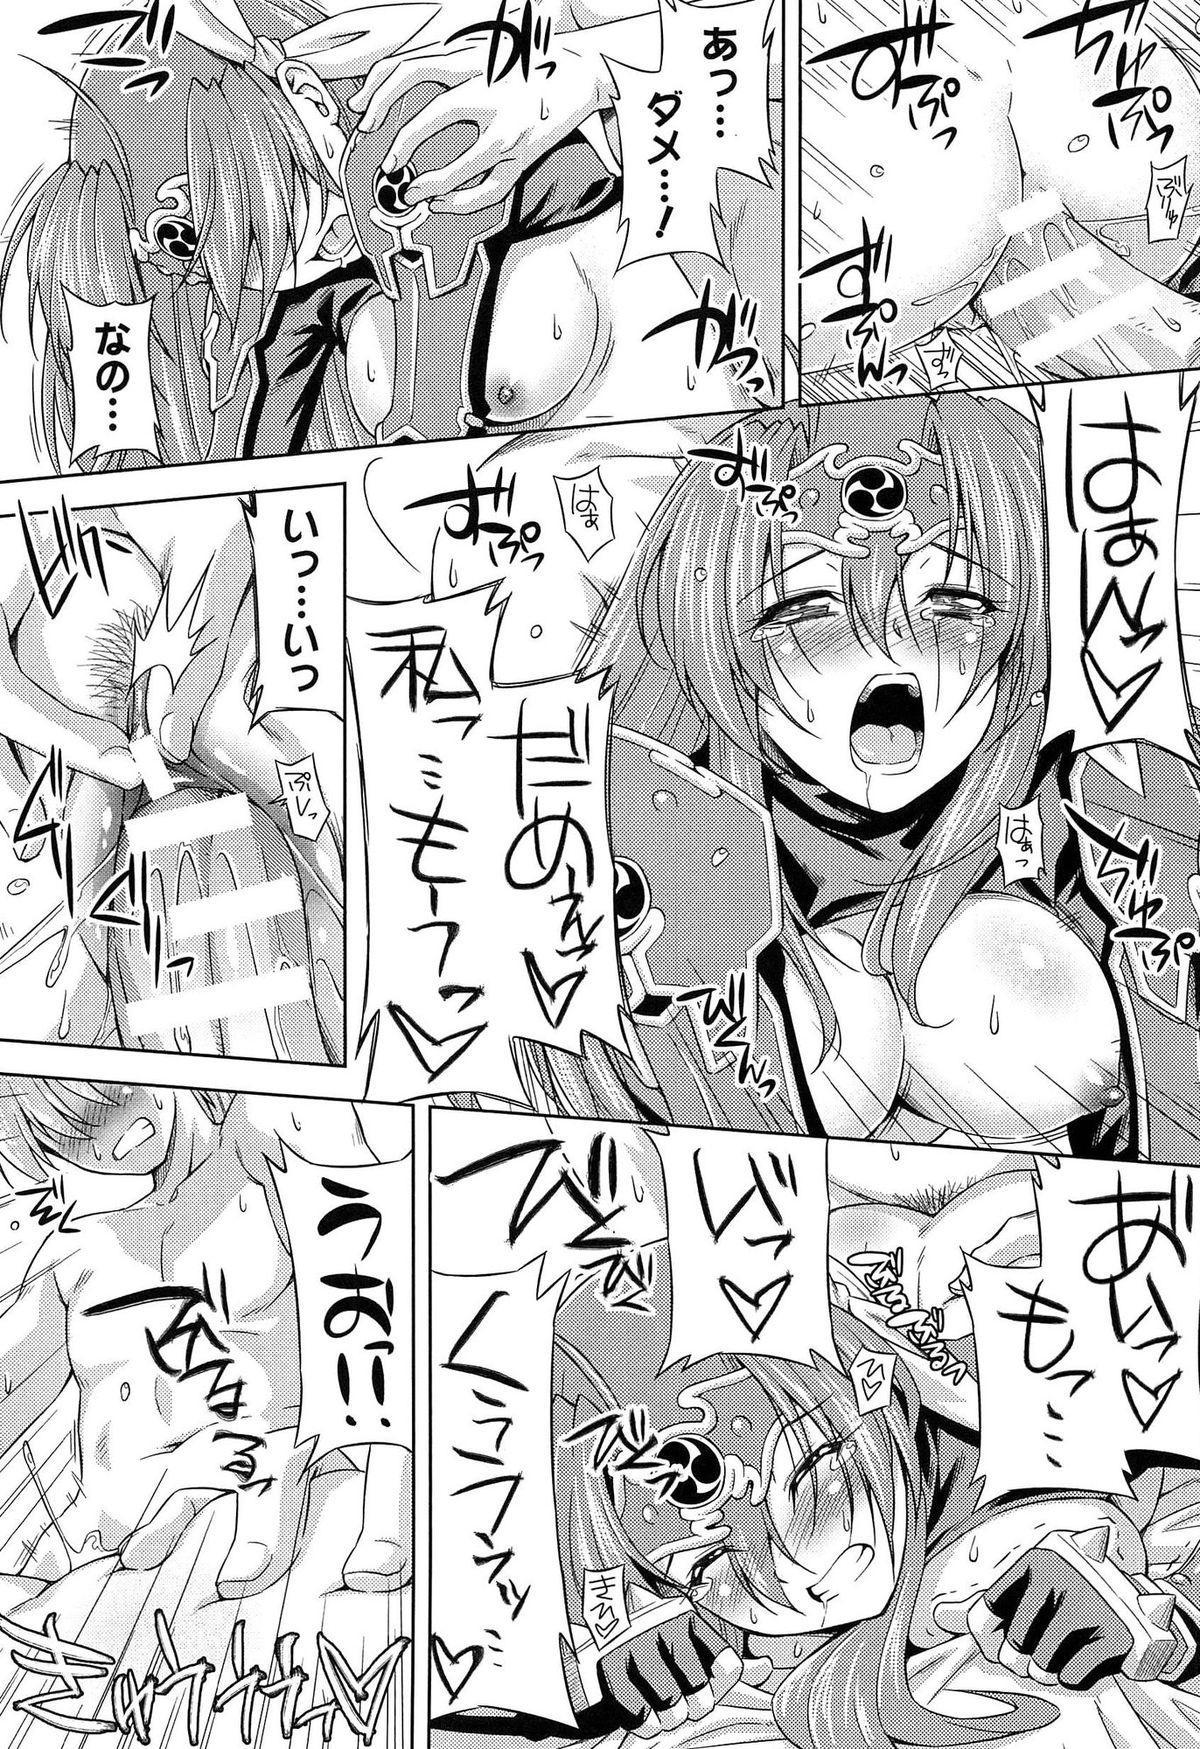 [kazuma muramasa, ZyX] Ikazuchi no Senshi Raidy ~Haja no Raikou~ THE COMIC 106